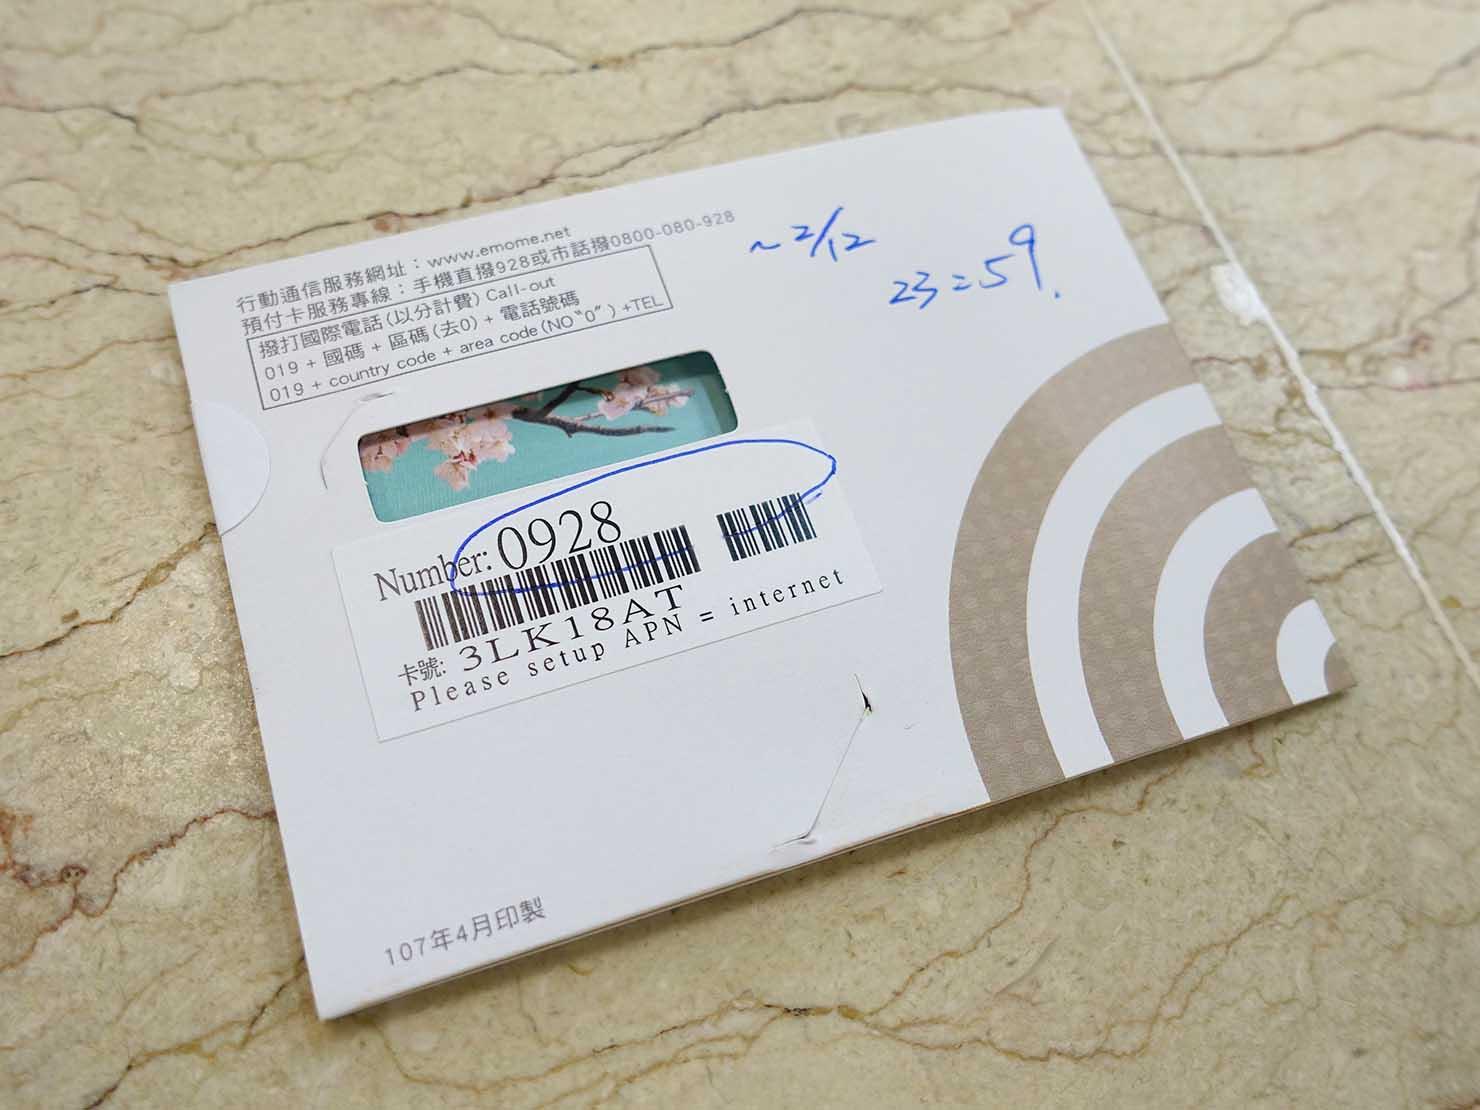 中華電信SIMカードの電話番号